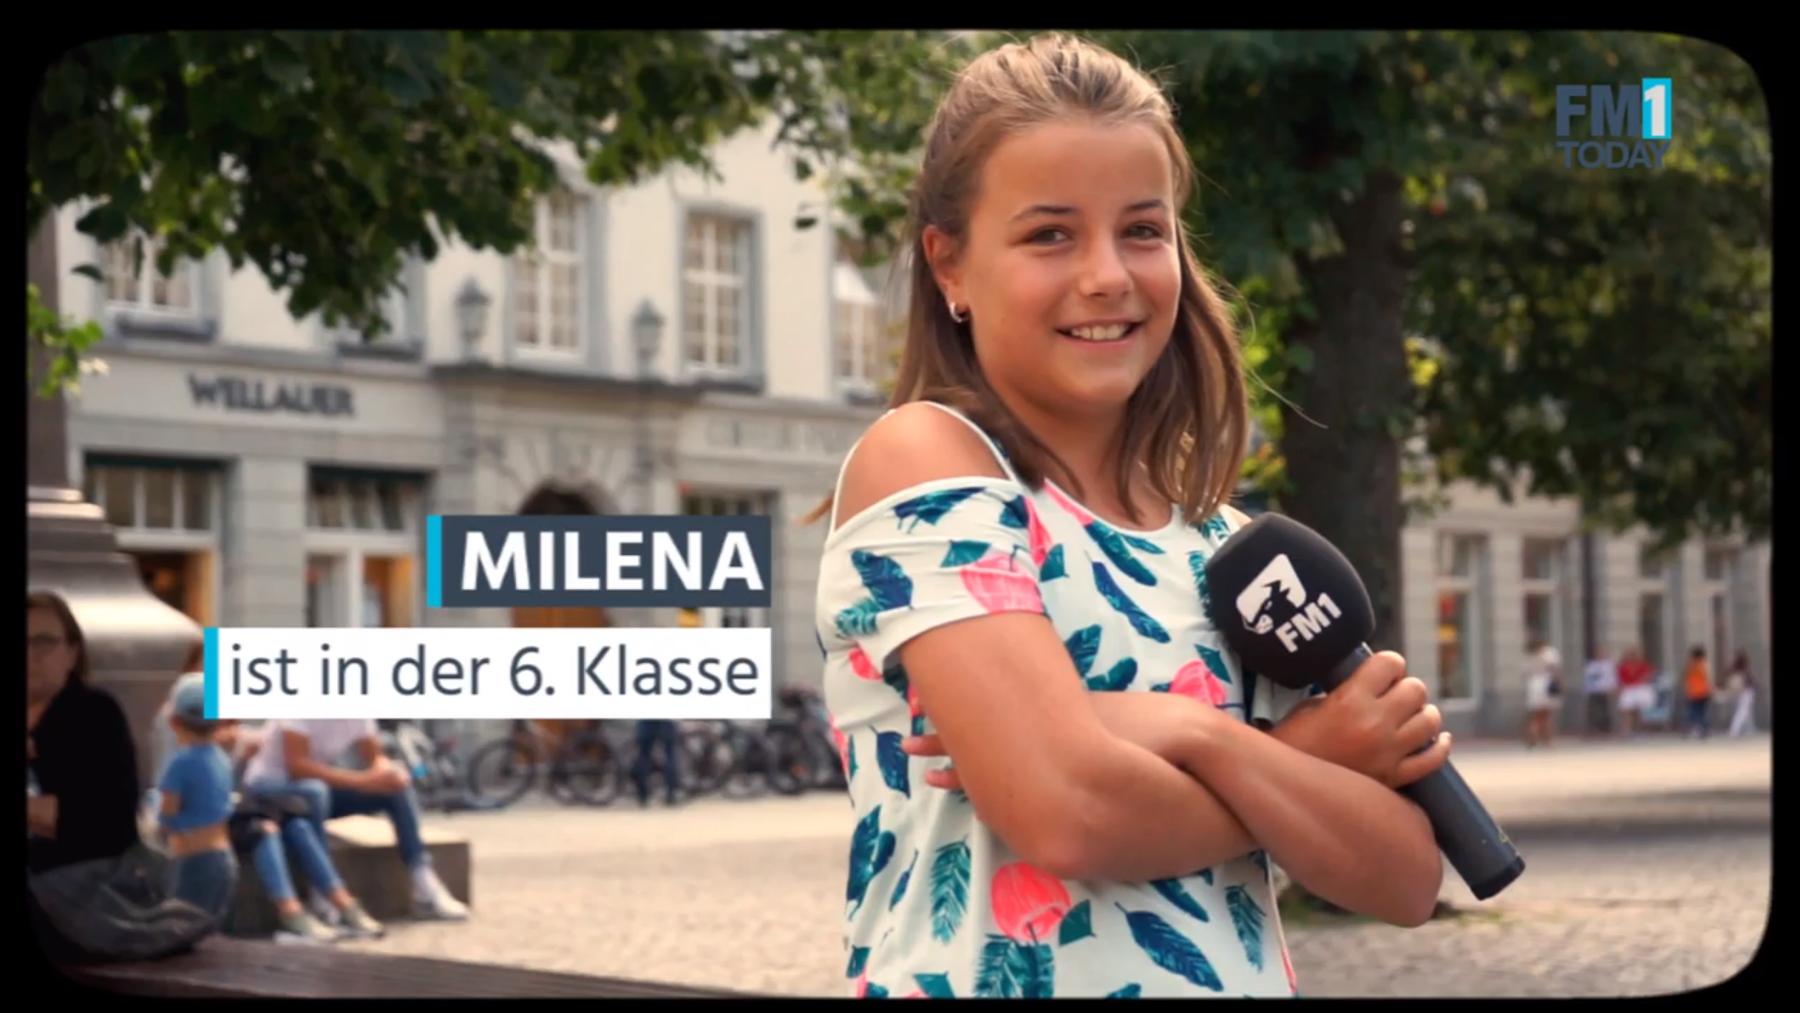 Milena hat den Erwachsenen knifflige Fragen aus der 6. Klasse gestellt.